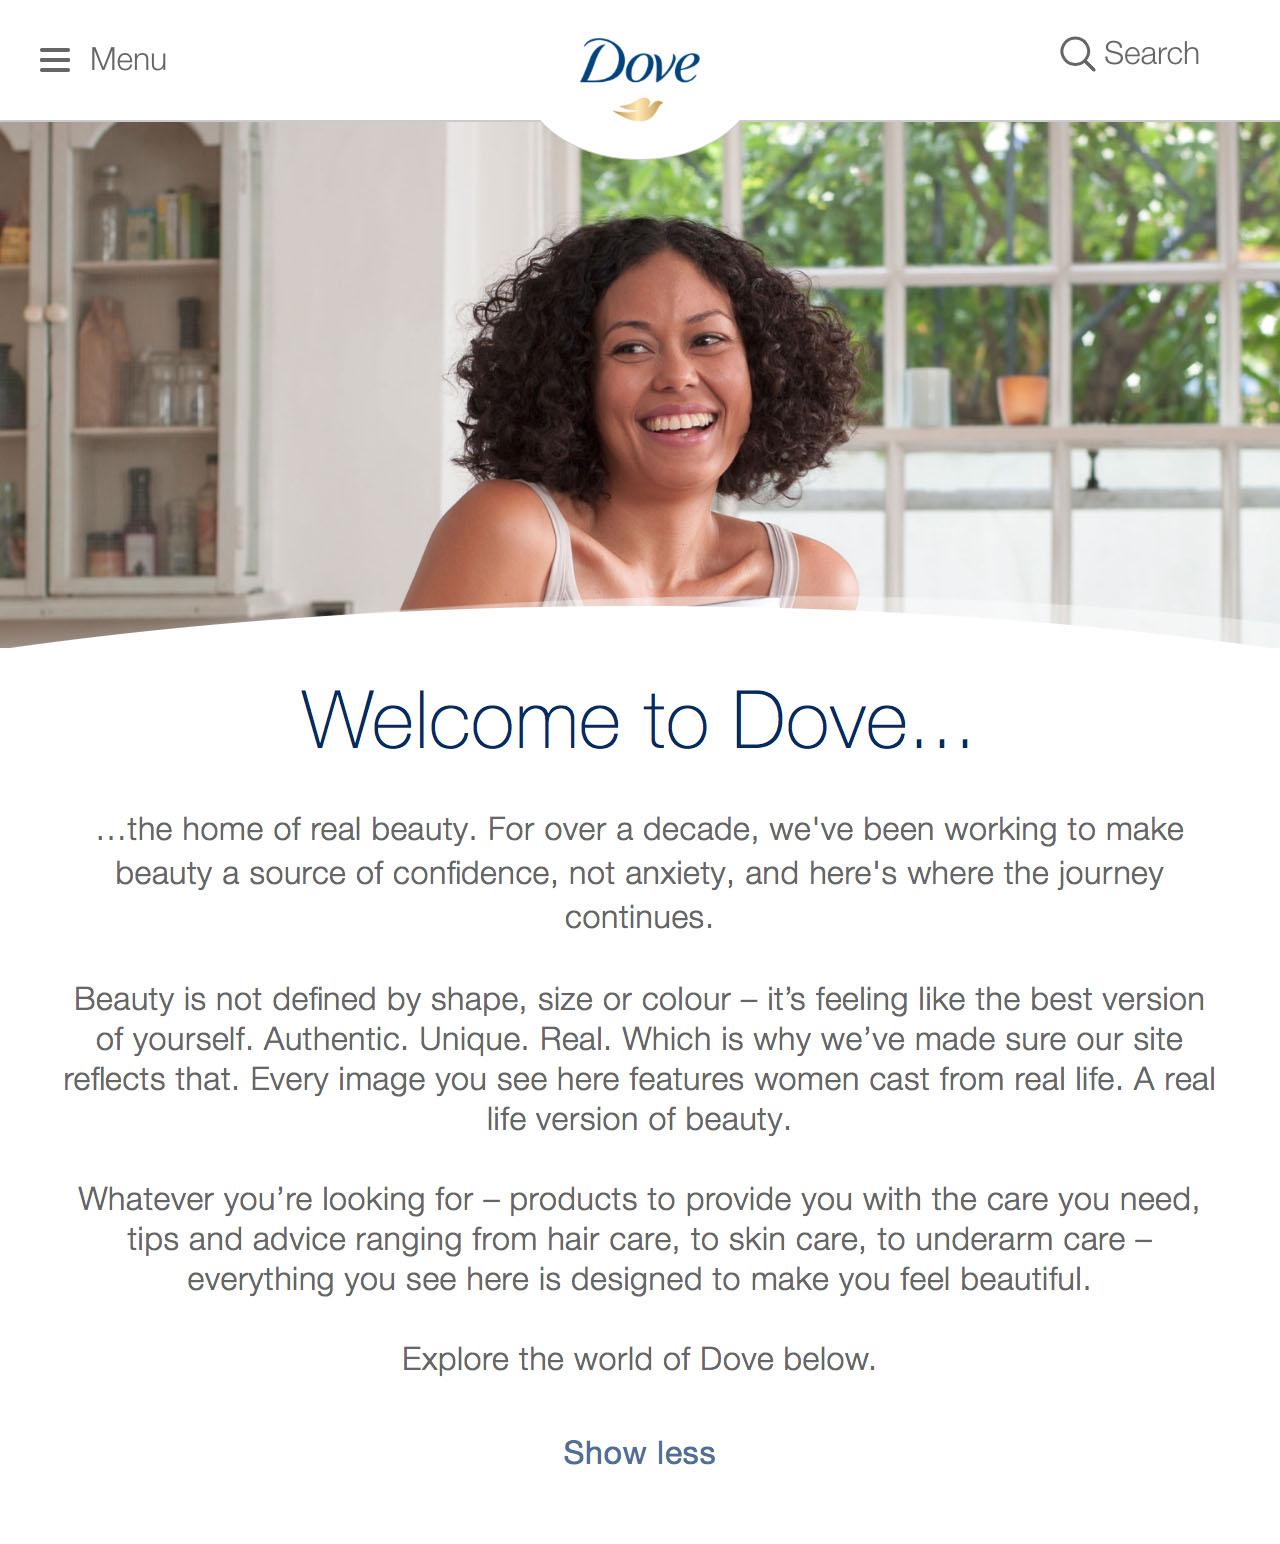 dove-copy_0003_02.jpg